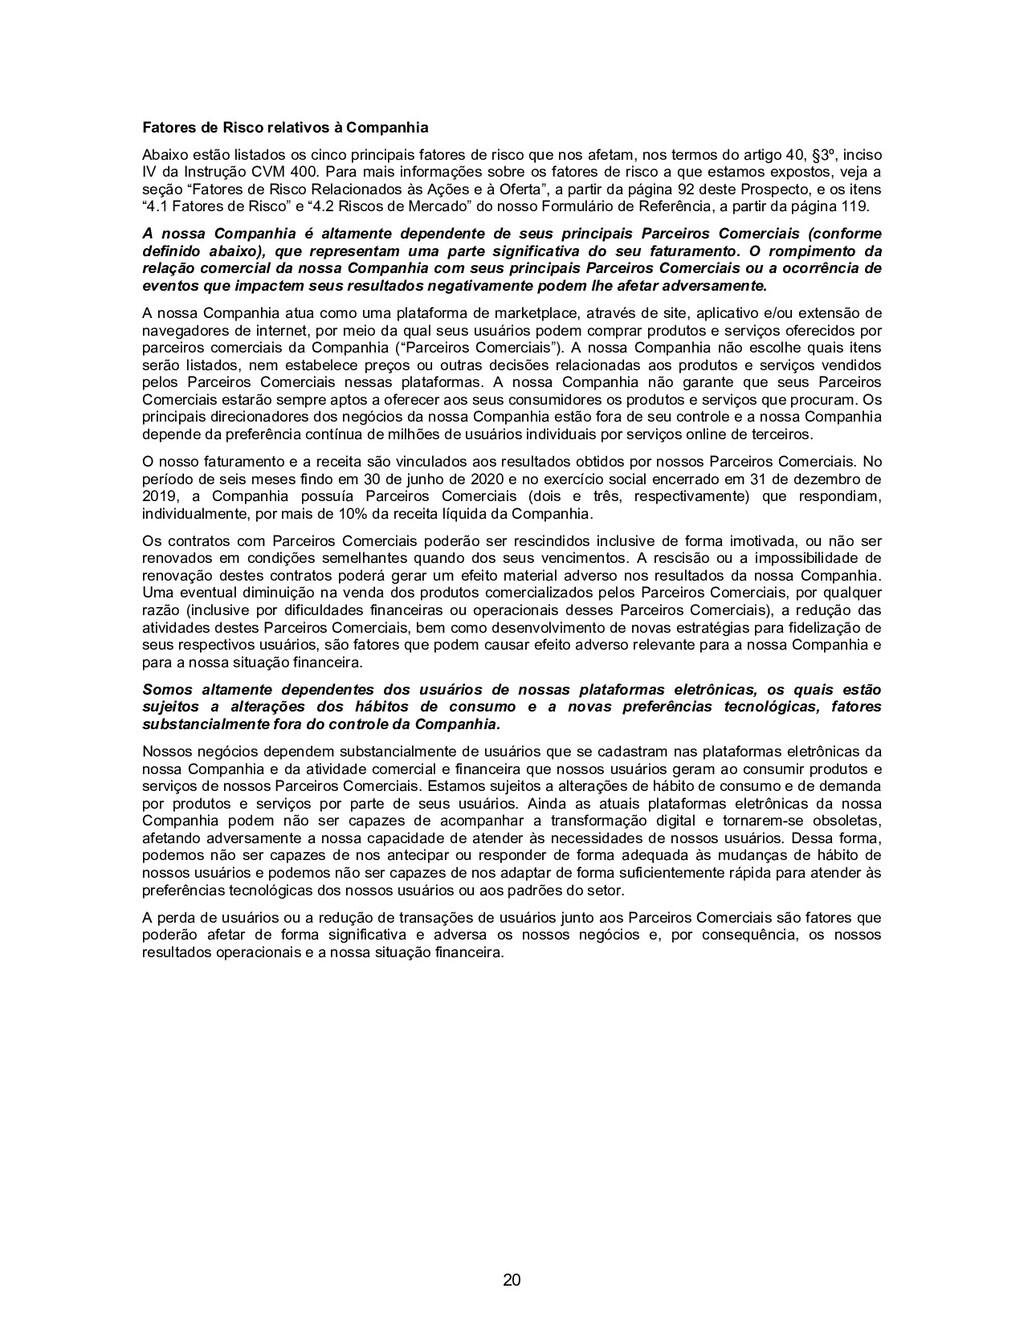 20 Fatores de Risco relativos à Companhia Abaix...